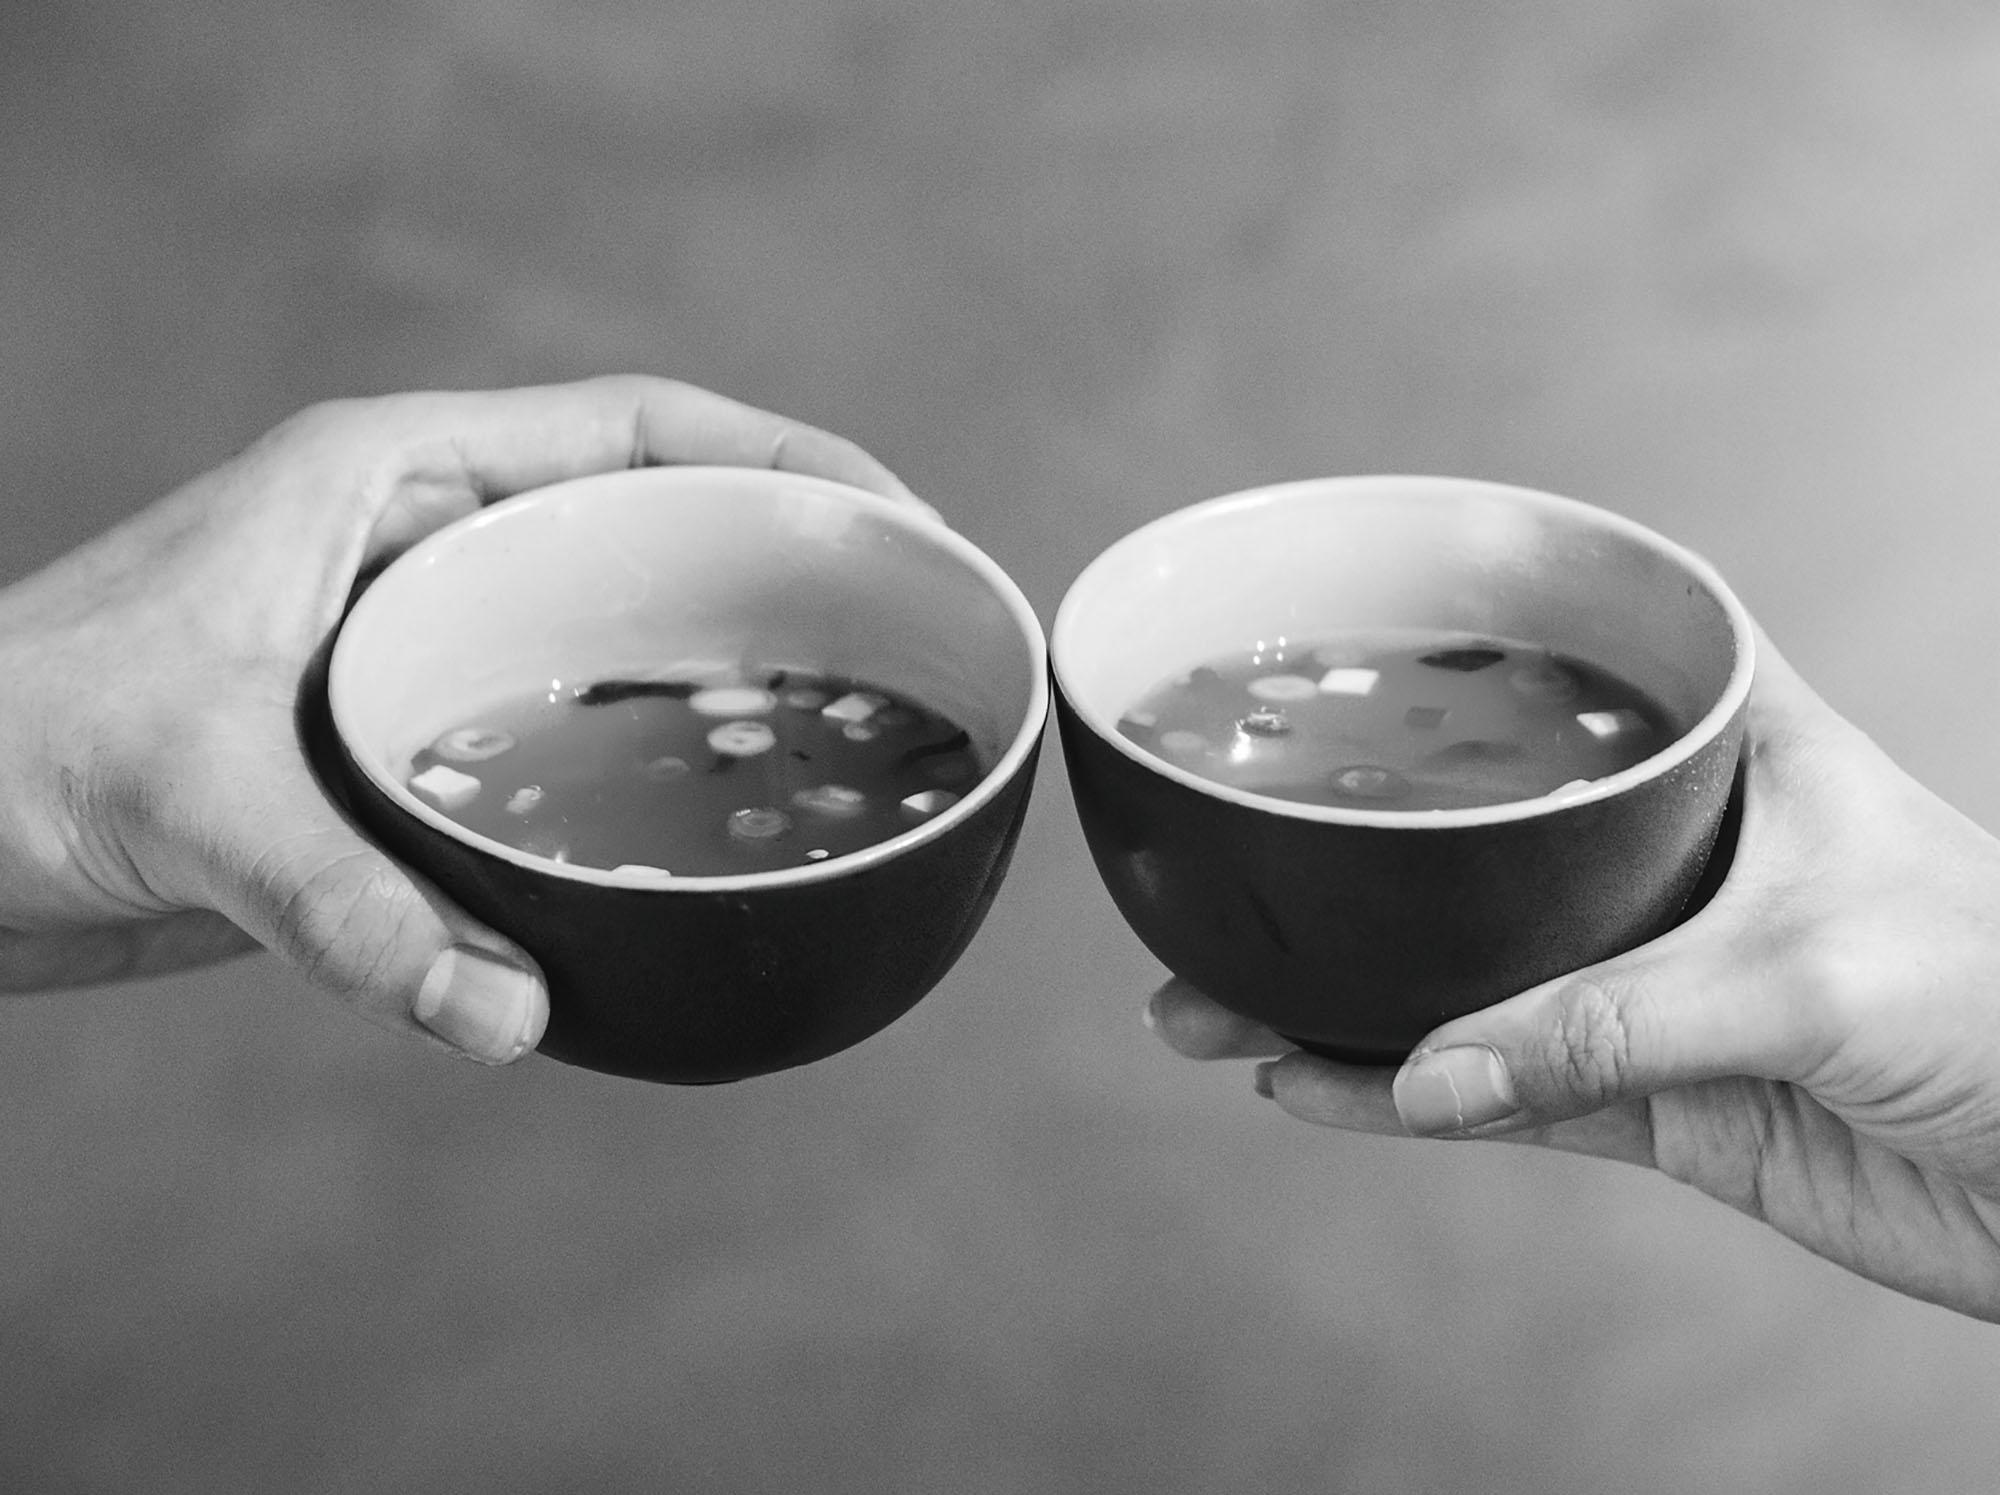 Zwei Hände halten zwei Suppen